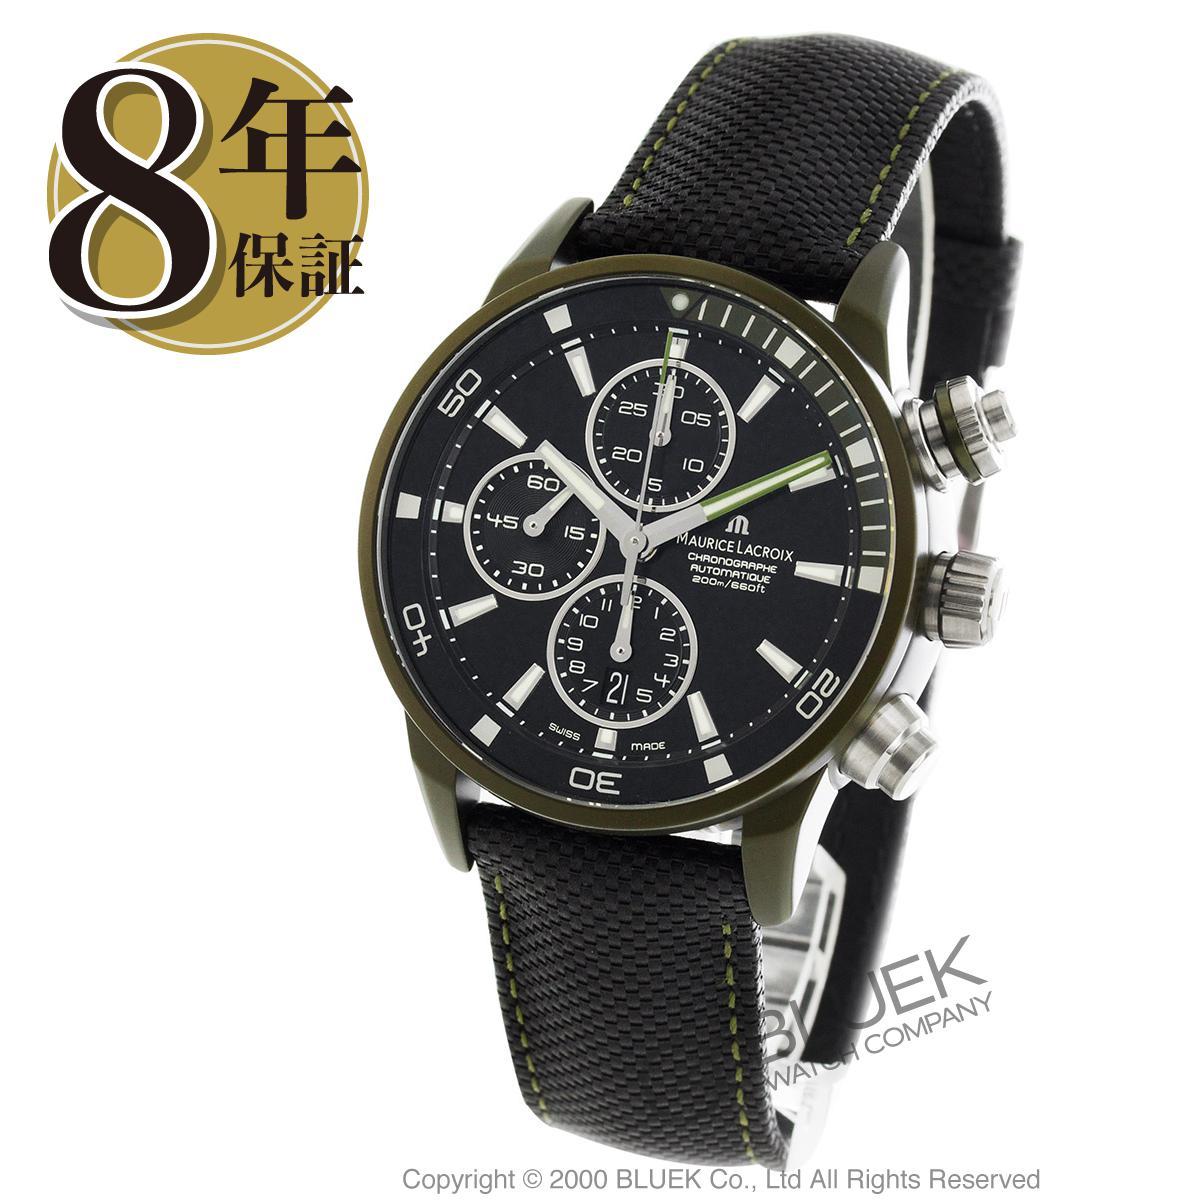 モーリス・ラクロア ポントスS エクストリーム クロノグラフ 替えベルト付き 腕時計 メンズ MAURICE LACROIX PT6028-ALB21-331_8